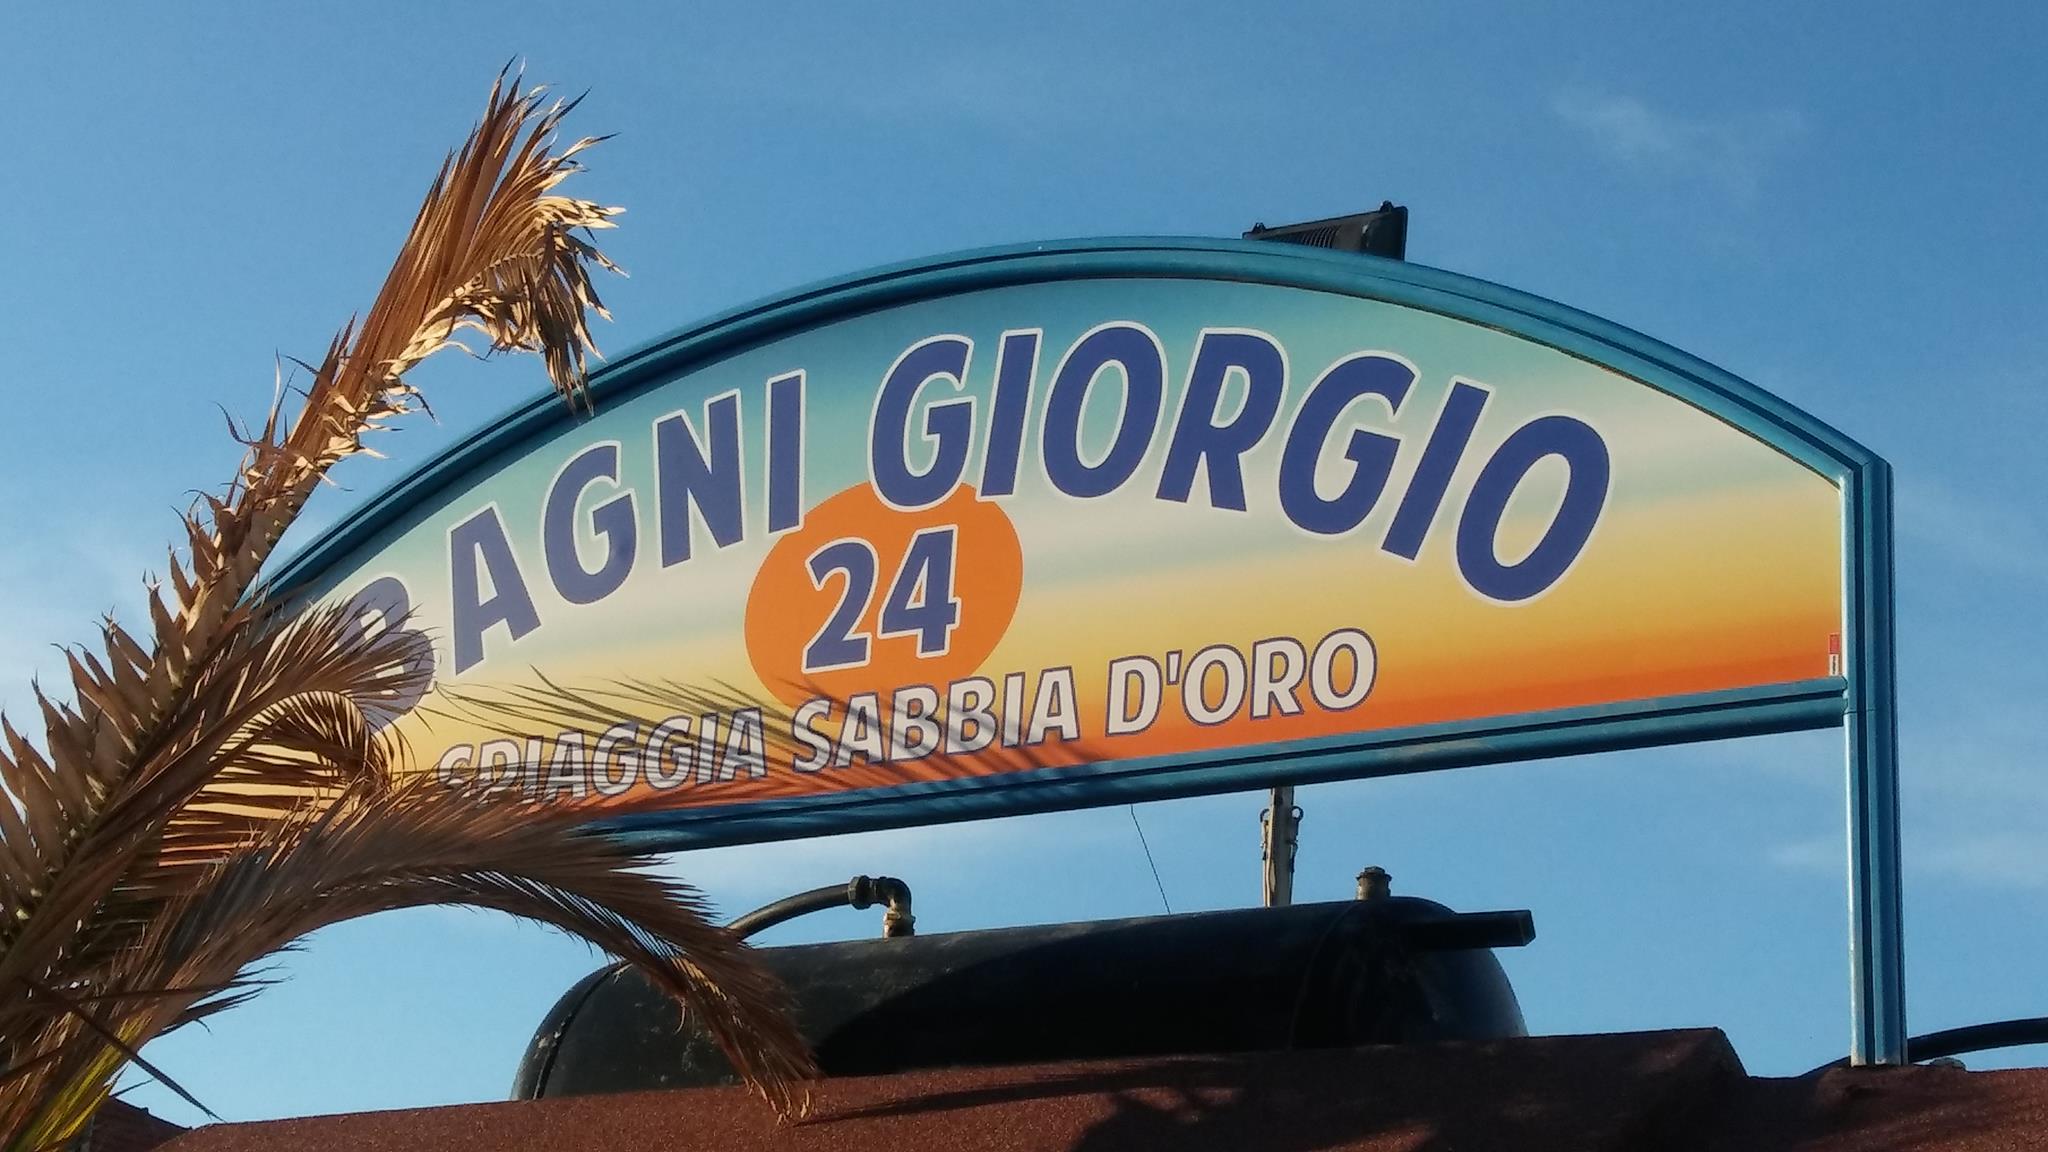 Bagni Giorgio 24 Sabbia d'oro